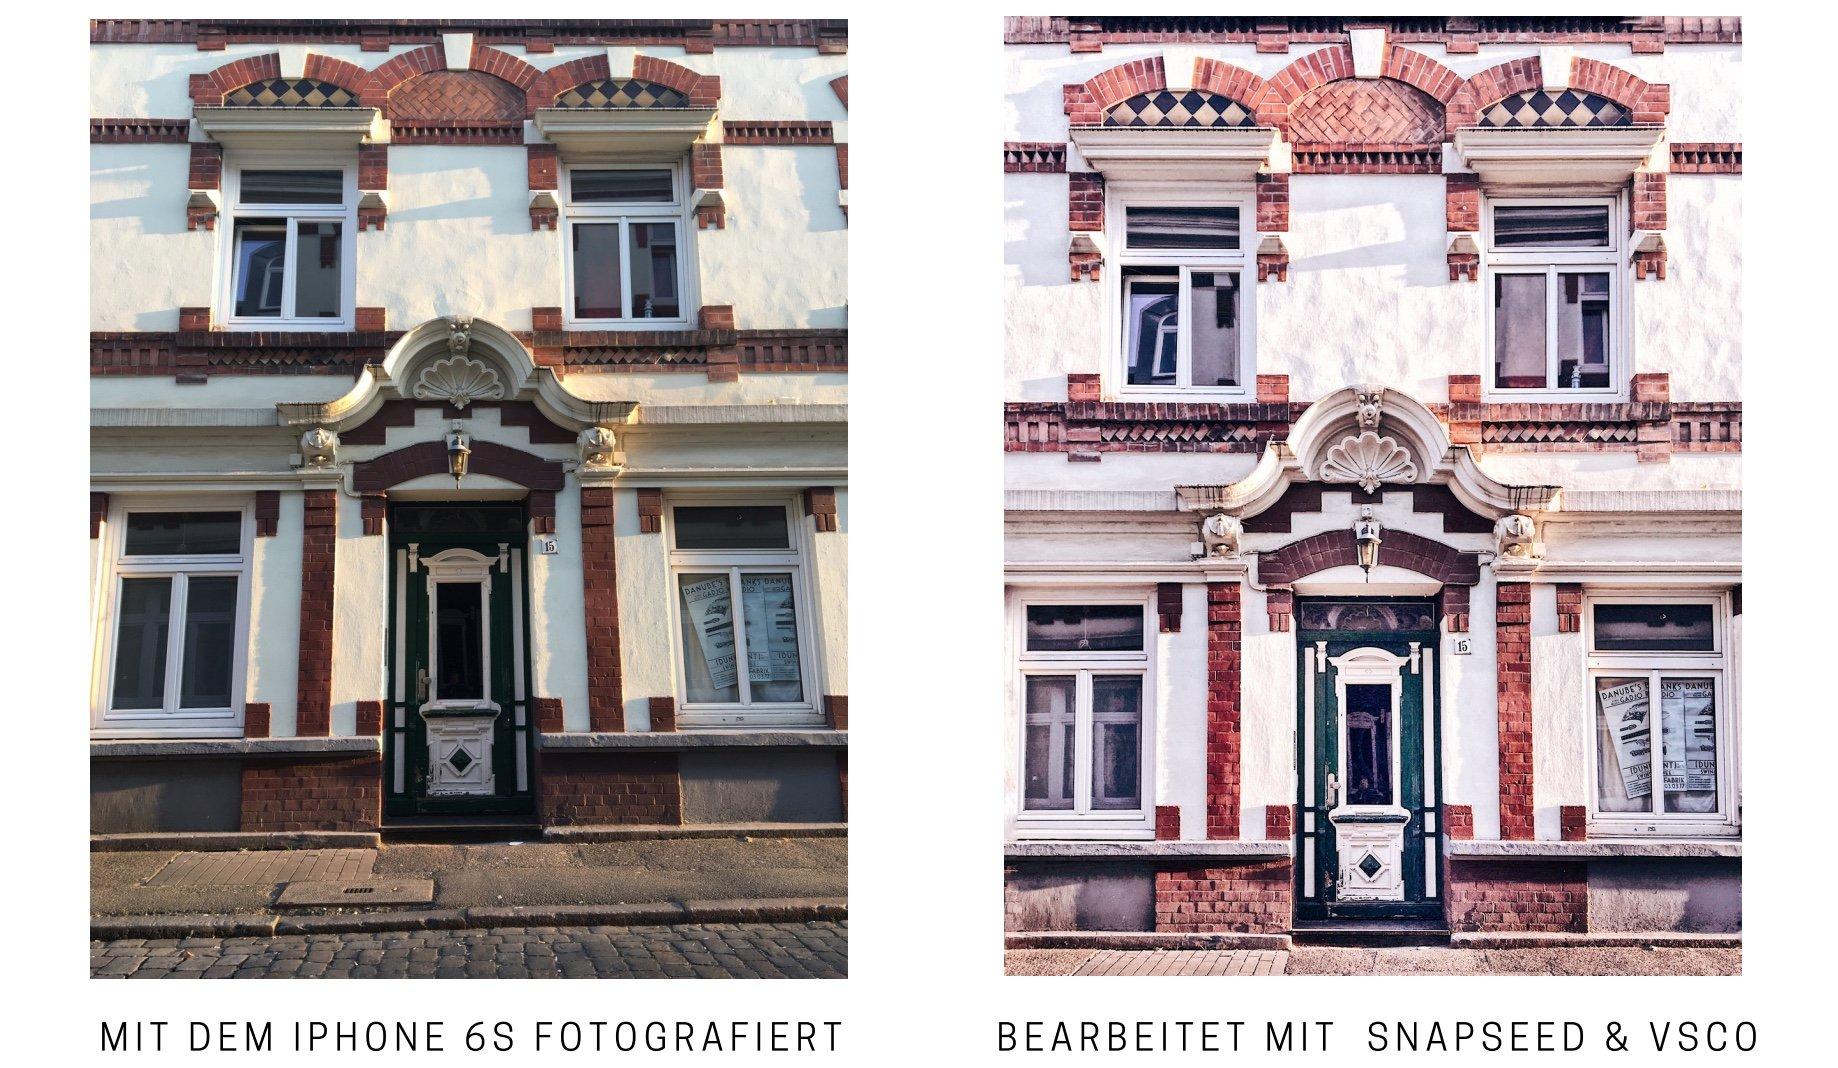 Fotografieren mit dem Smartphone: Begradien von Architektur